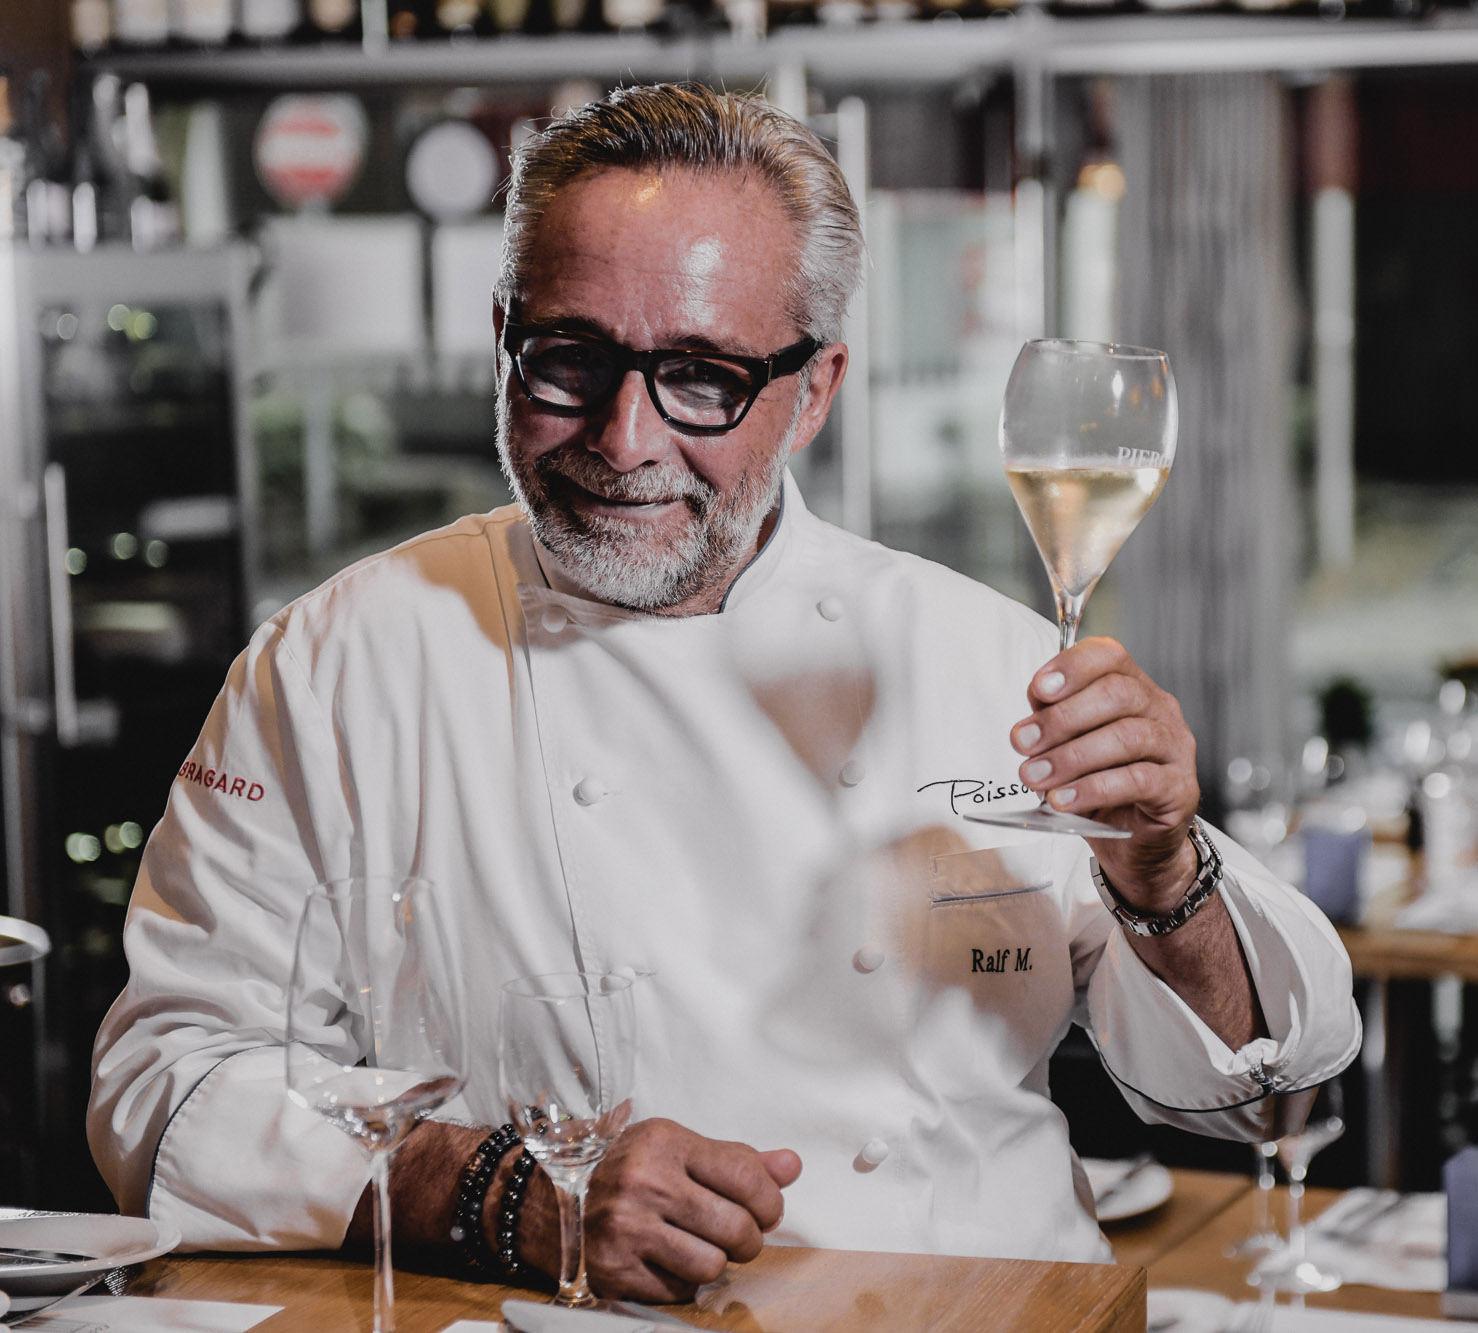 Poisson-Chef Ralf Marhencke bei einem Glas Wein